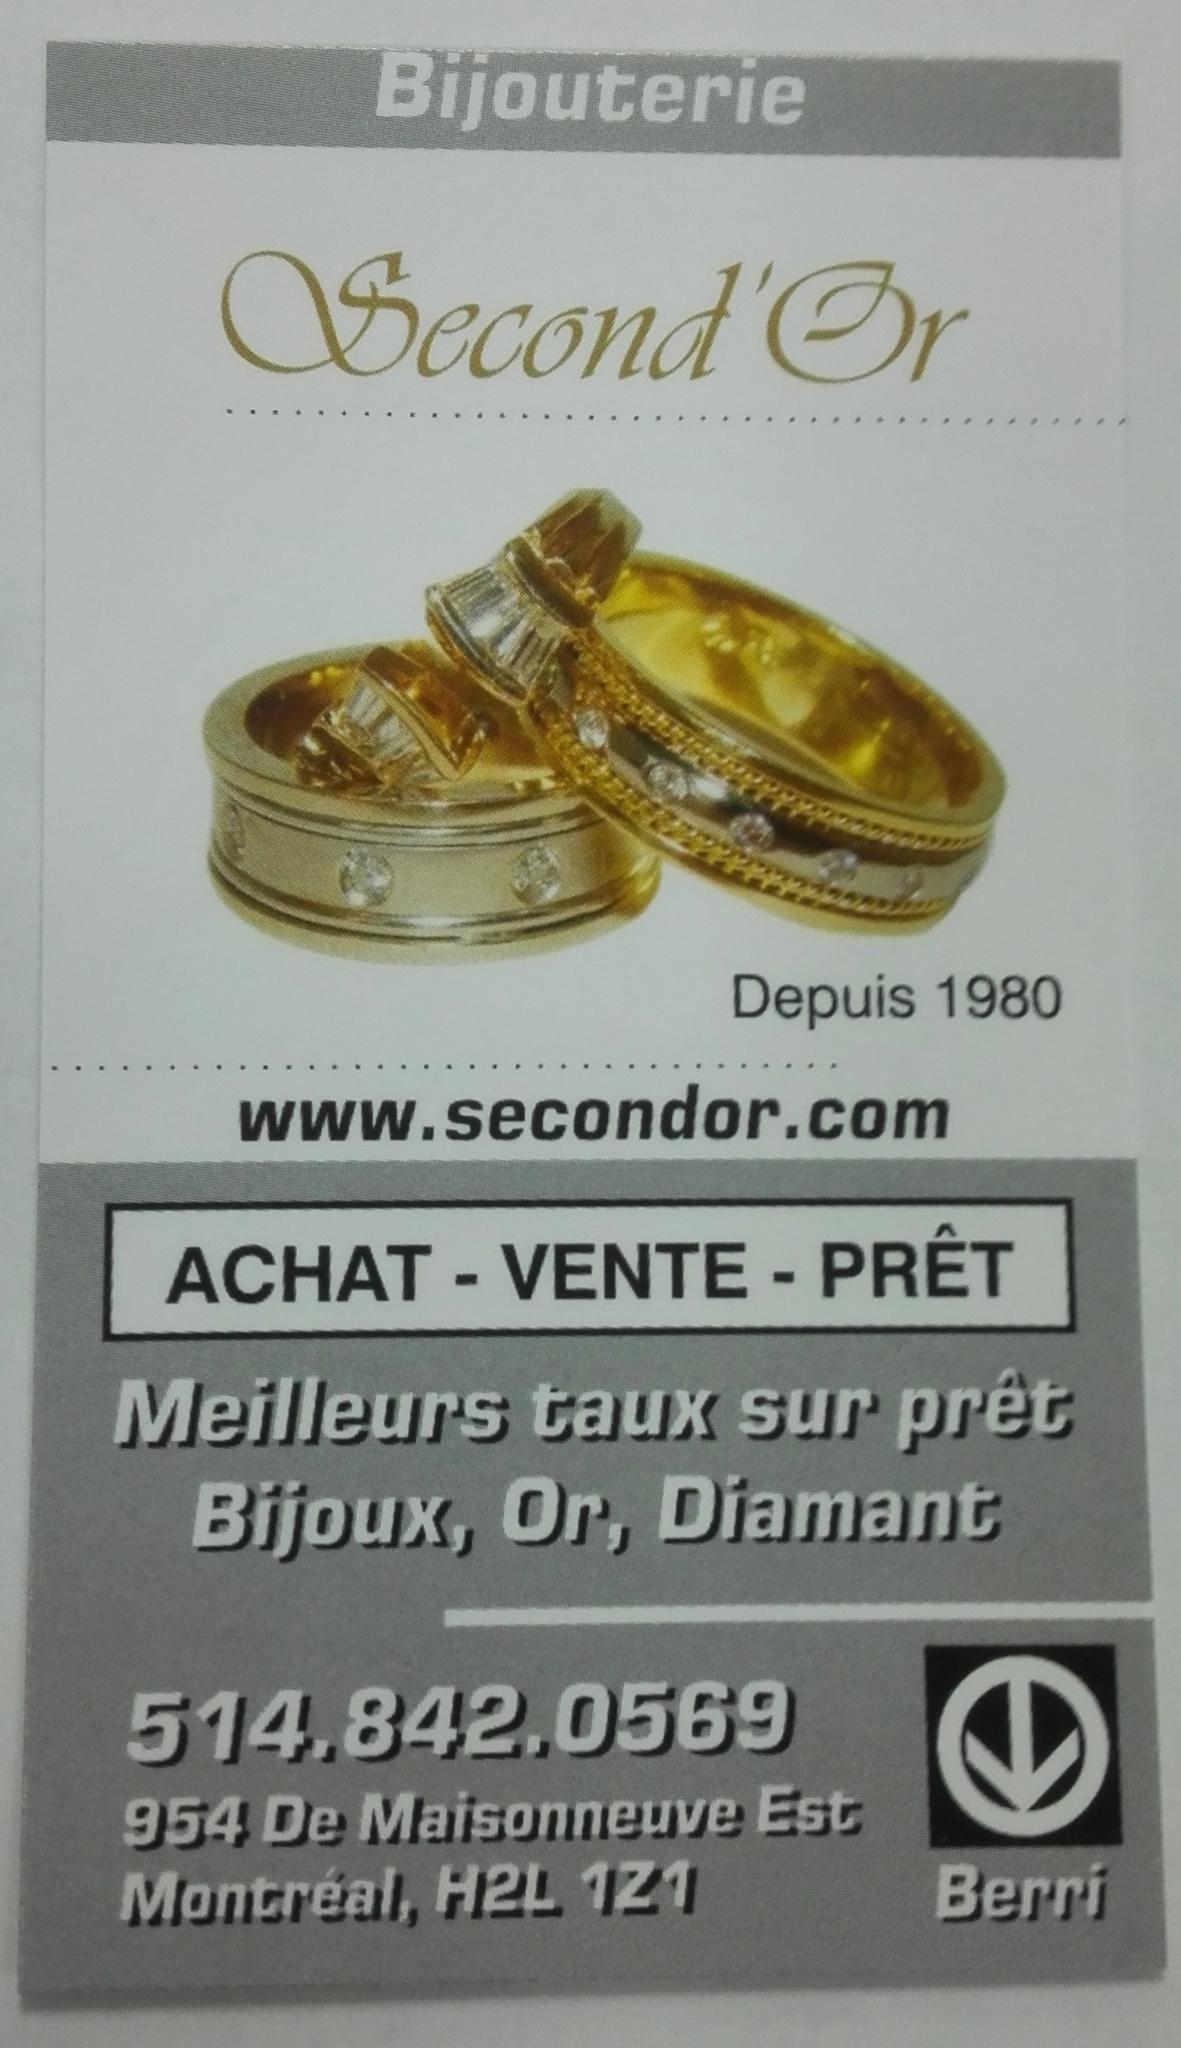 Second'Or à Montréal: Business card